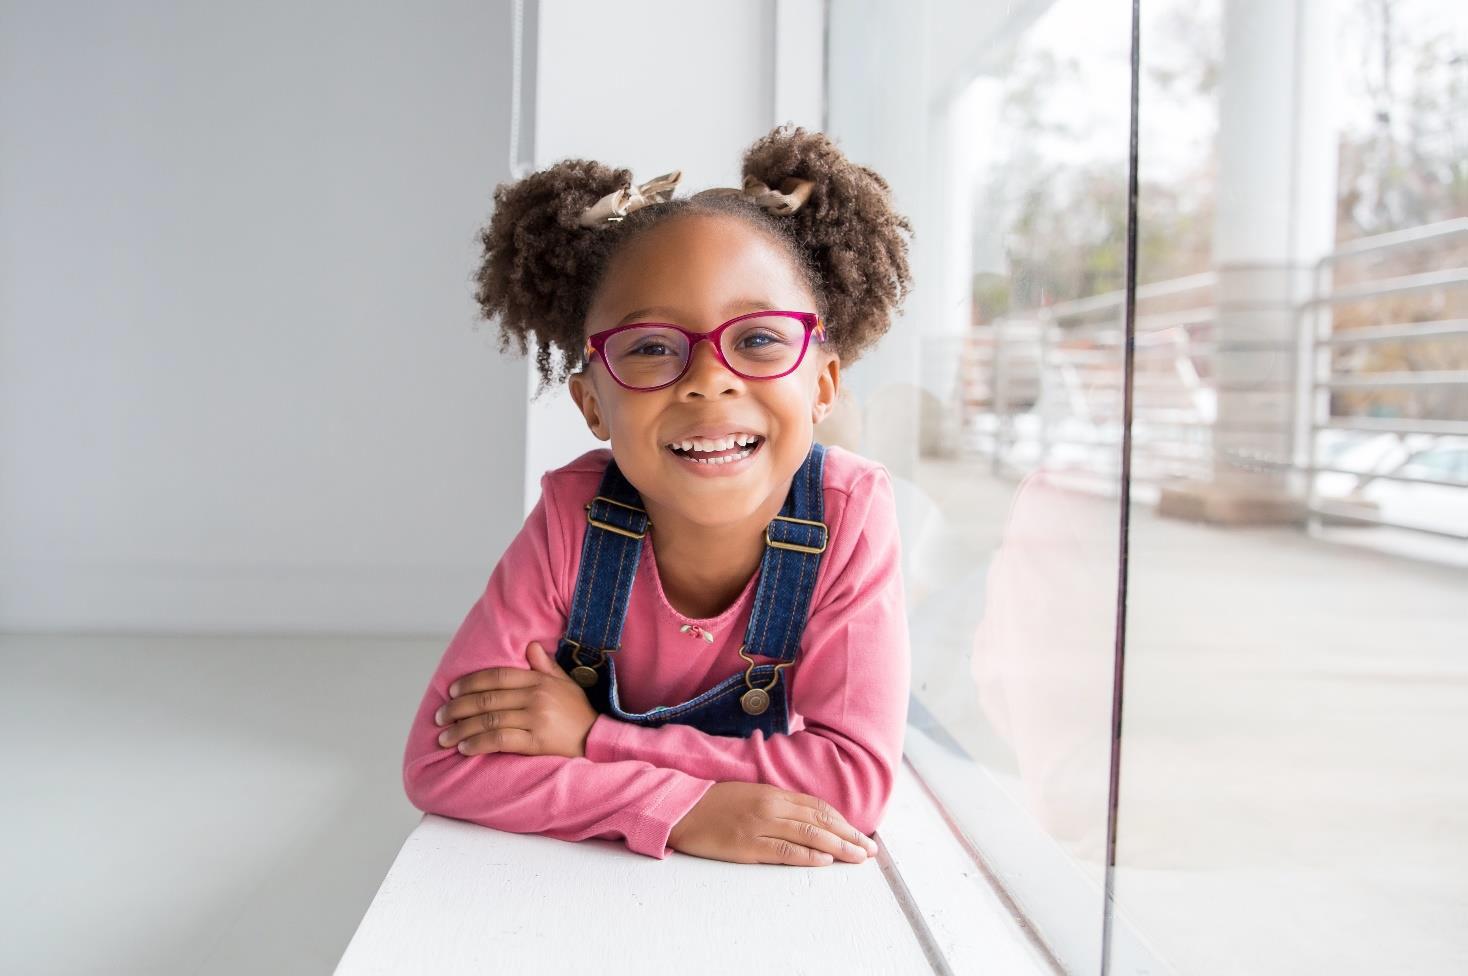 odfotografované malé usmievajúce dievčatko v ružovom svetríku Objektívom TAMRON 35 - 150 mm F / 2.8 - 4 Di VC OSD pre Nikon